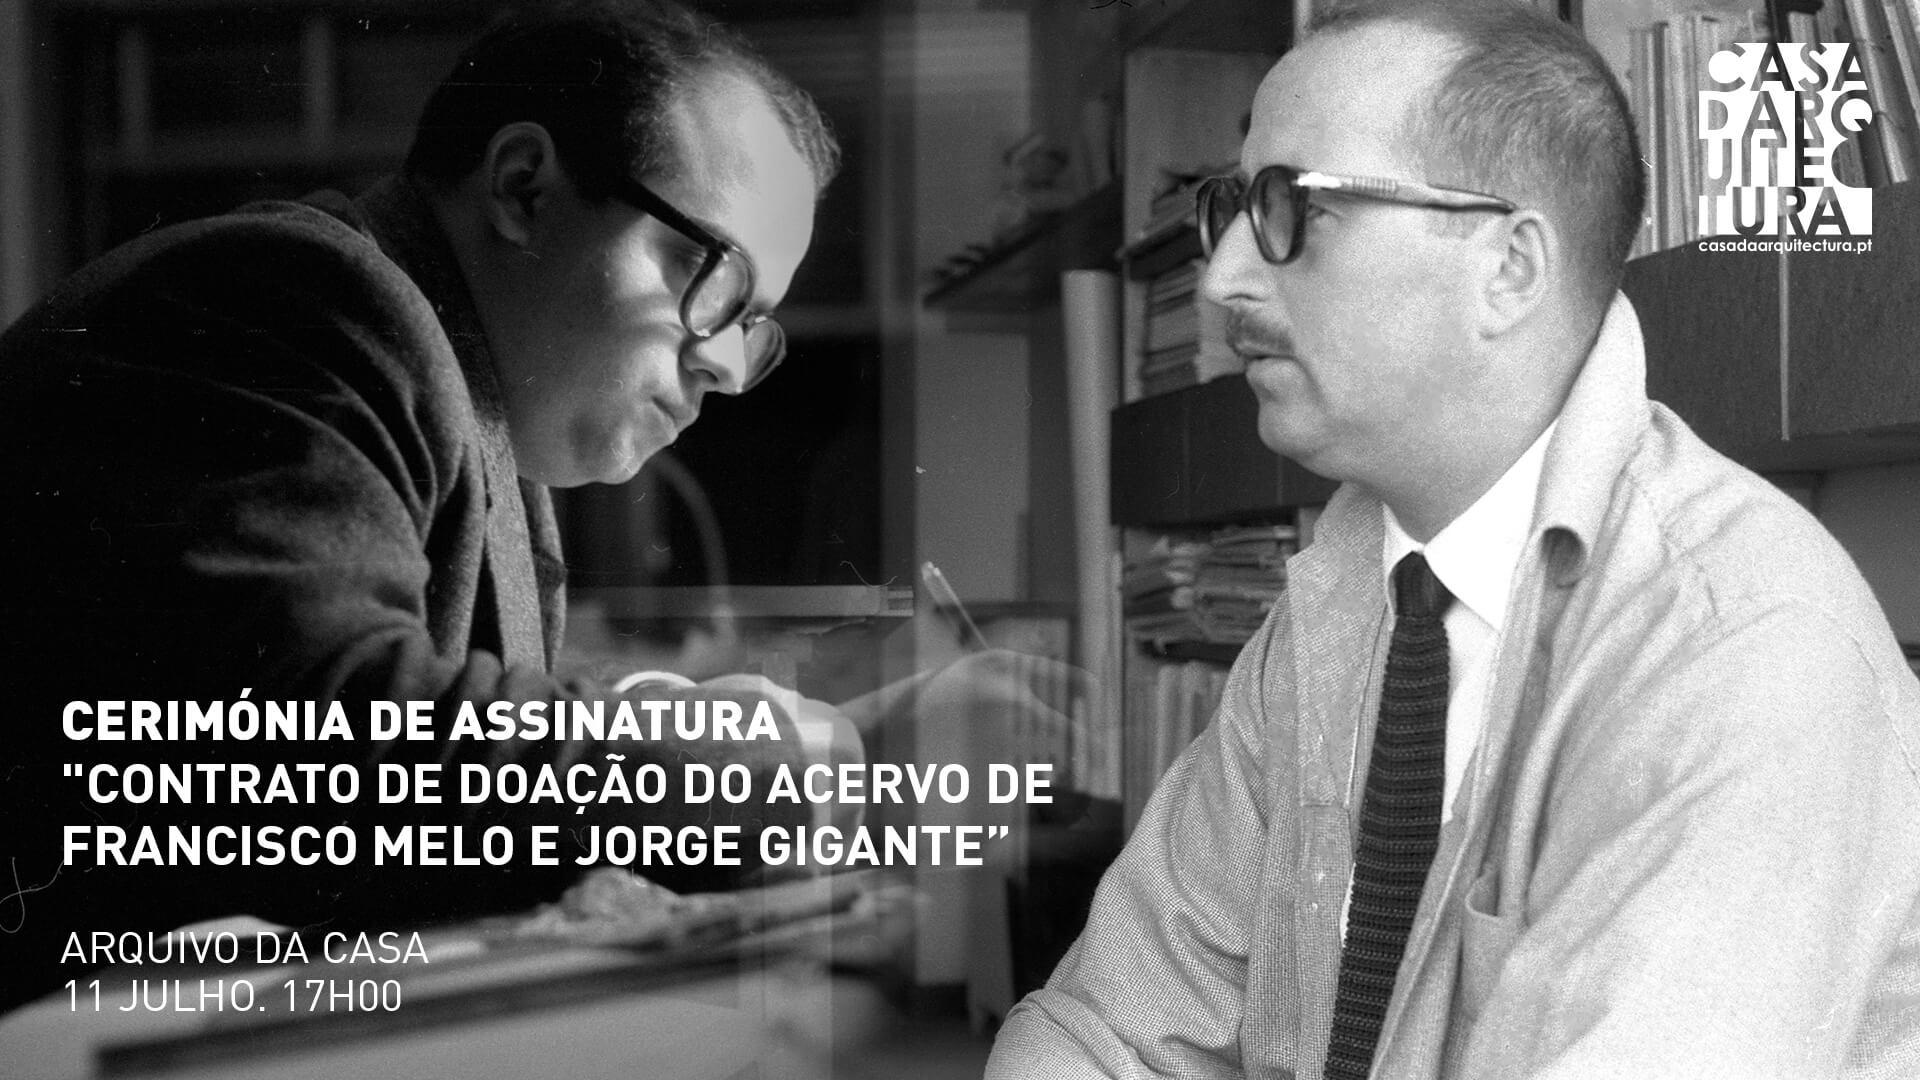 Acervo dos arquitetos Francisco Melo e Jorge Gigante vai ser doado à Casa da Arquitectura